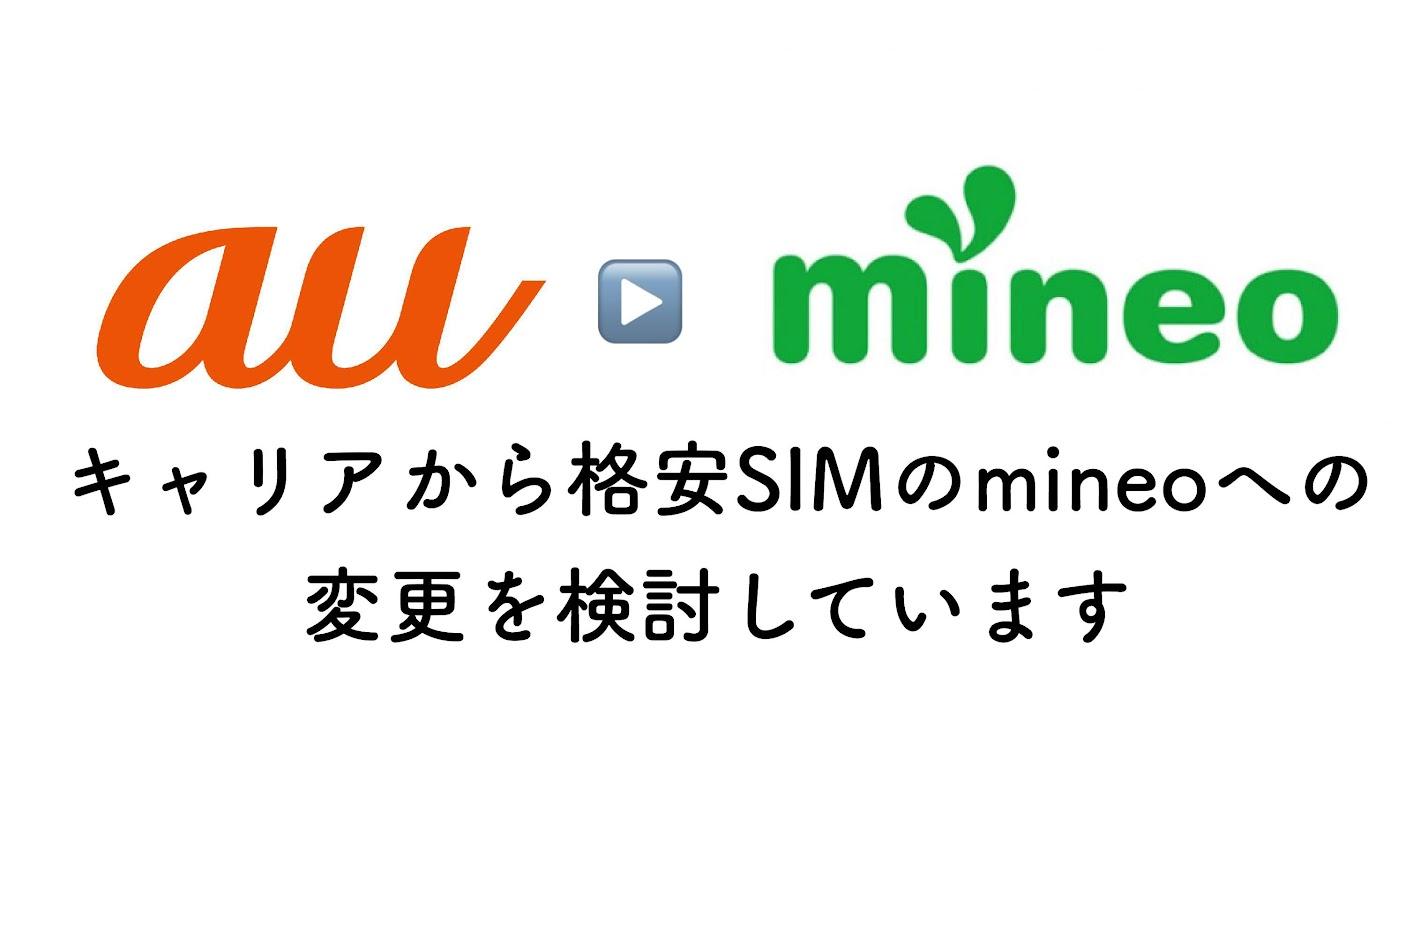 キャリアから格安SIMのmineoへの変更を検討しています